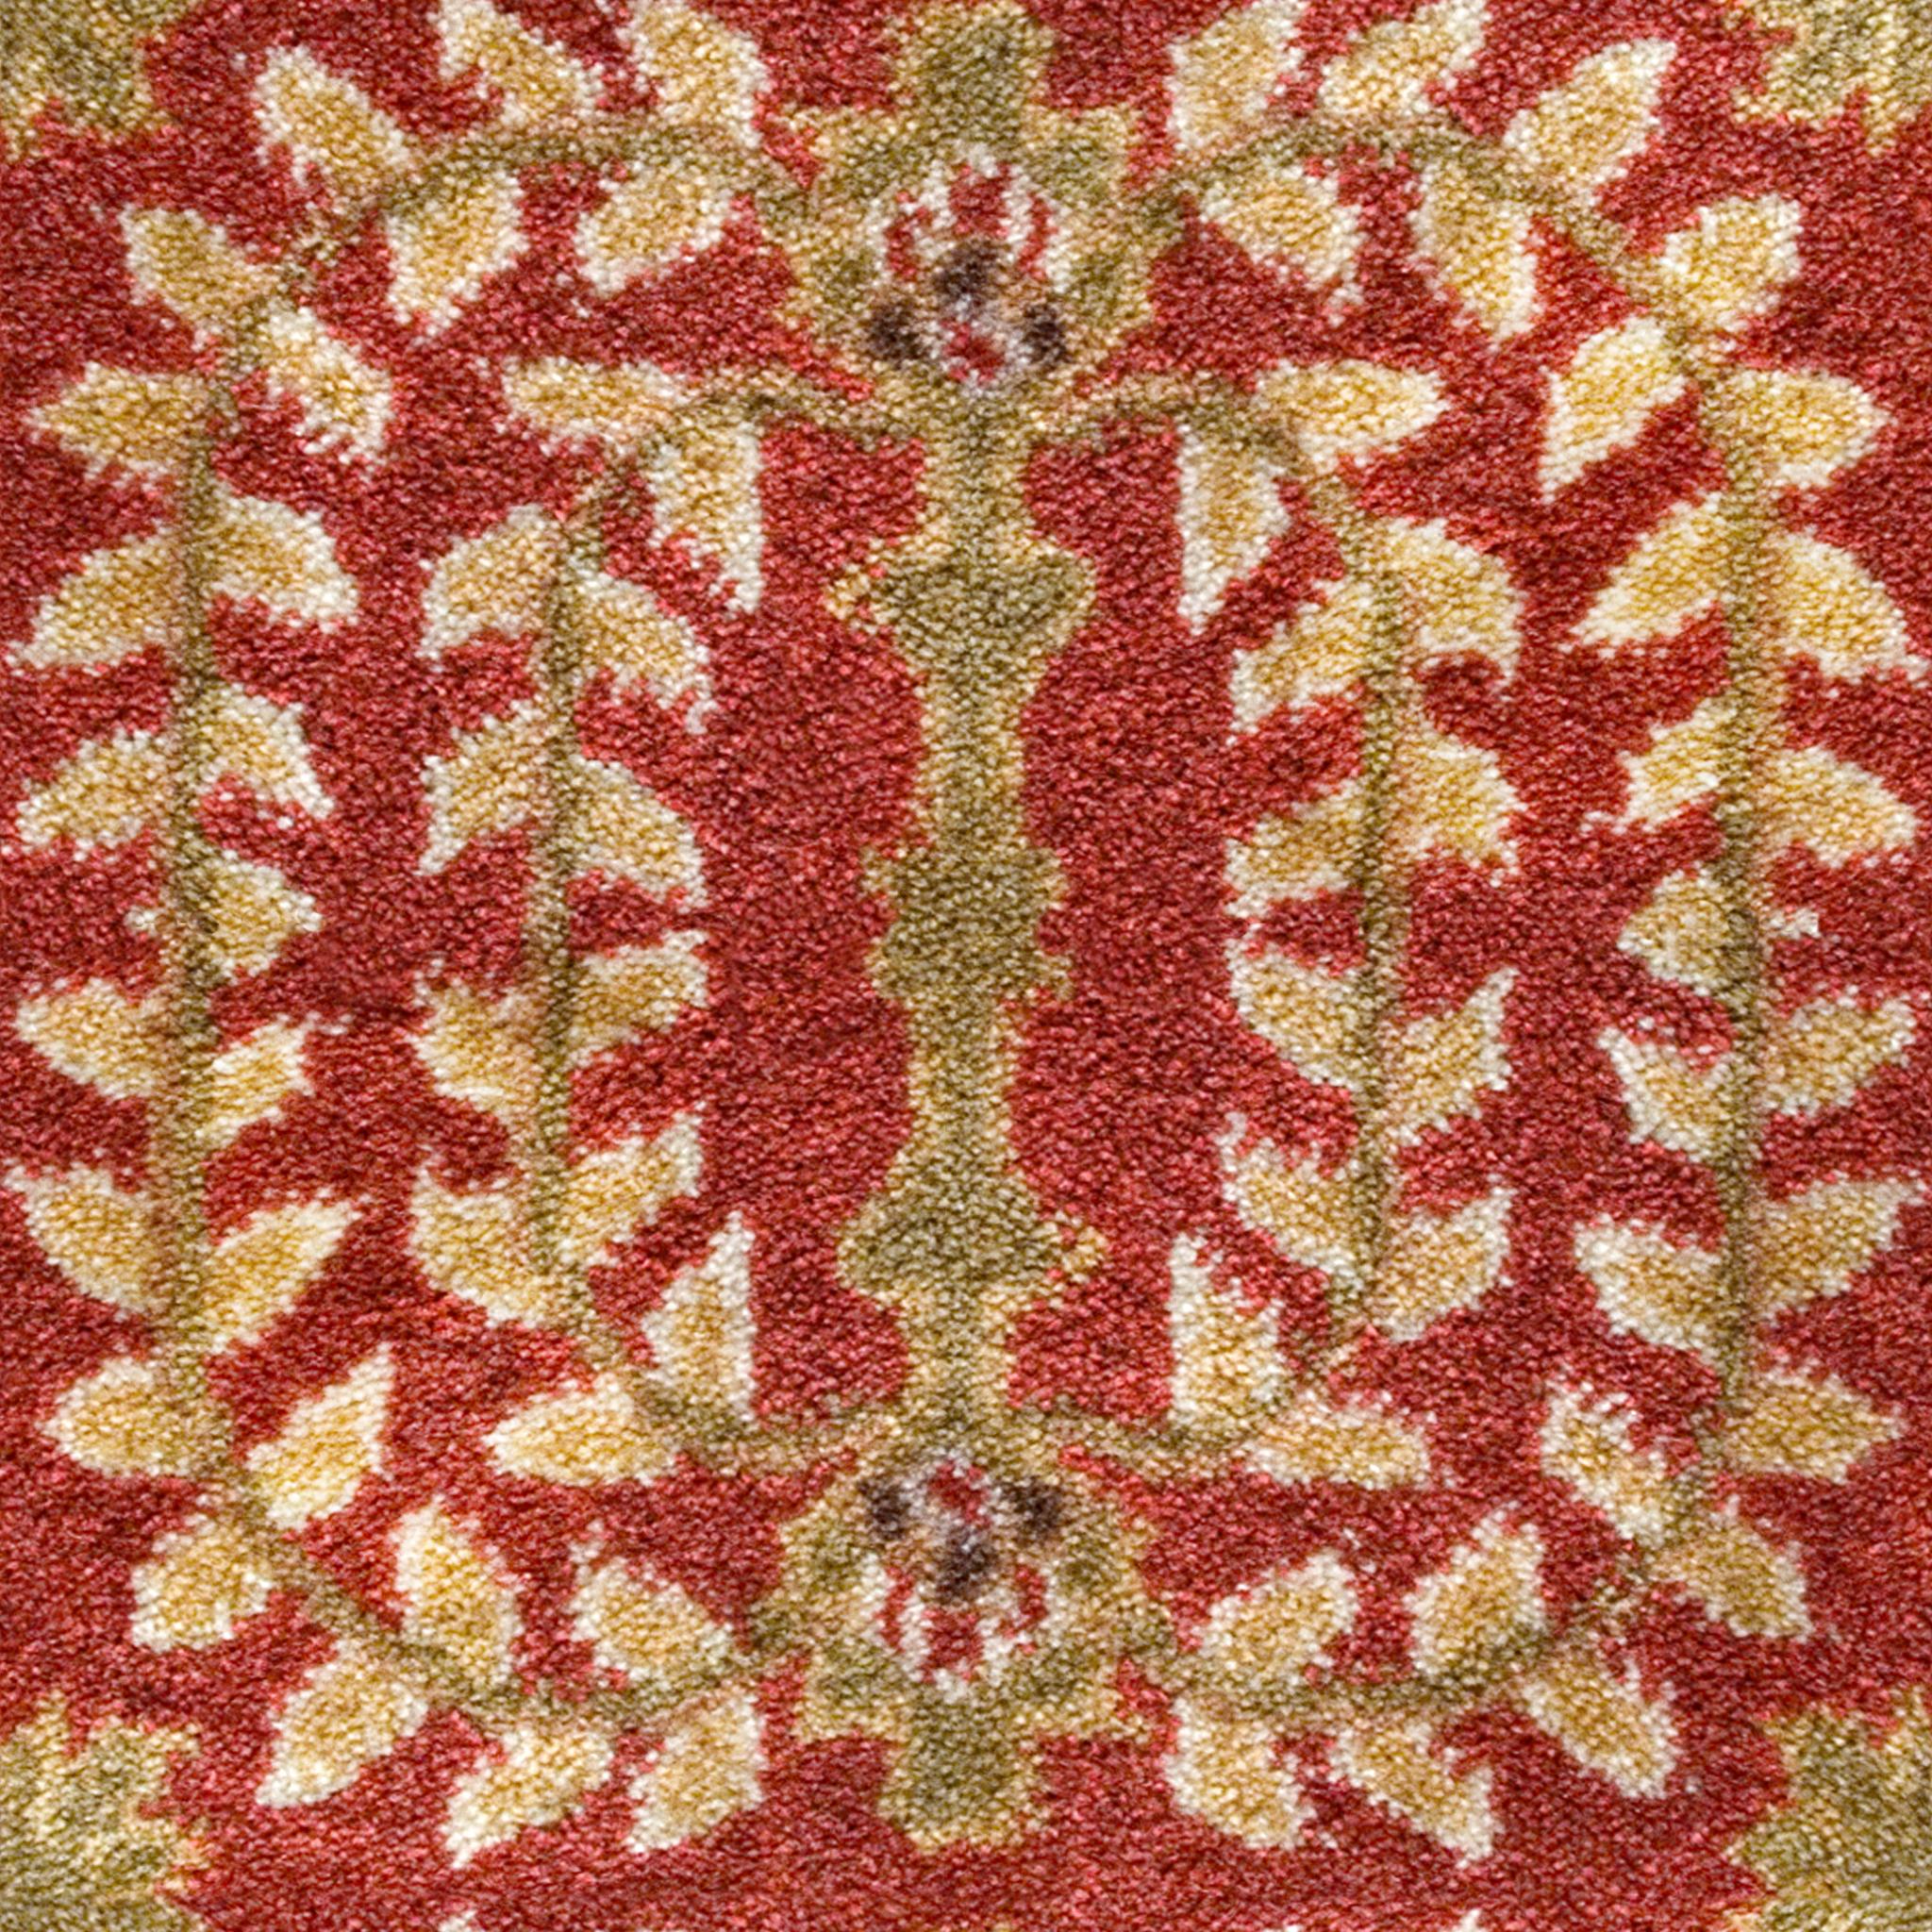 Fallen Vines Carpet.jpg